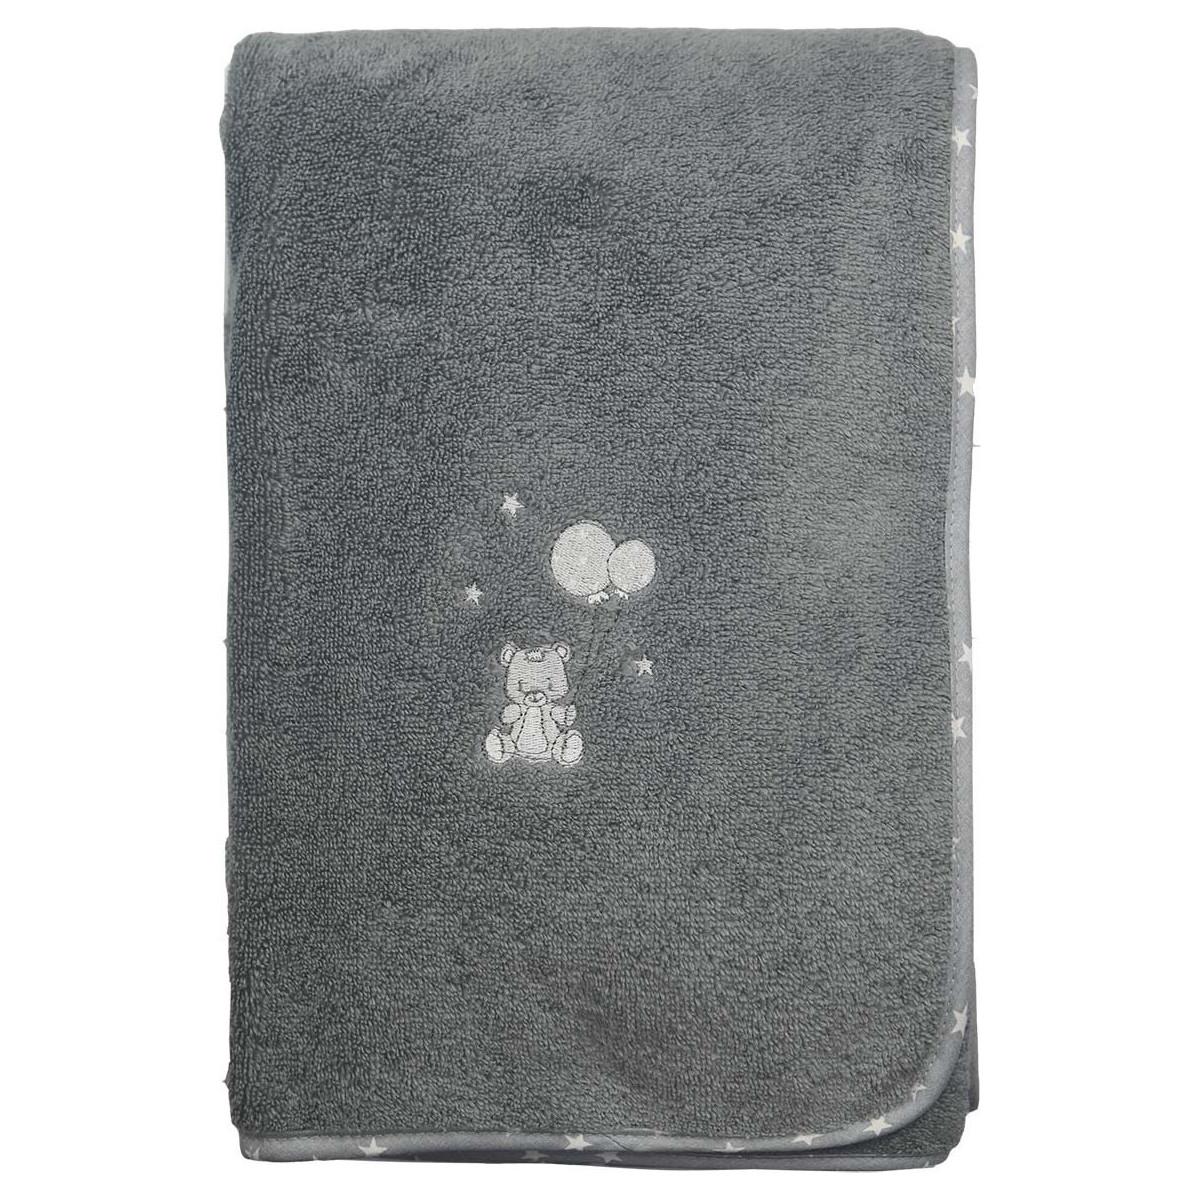 Serviette de toilette en coton peig Galet 50x90 cm